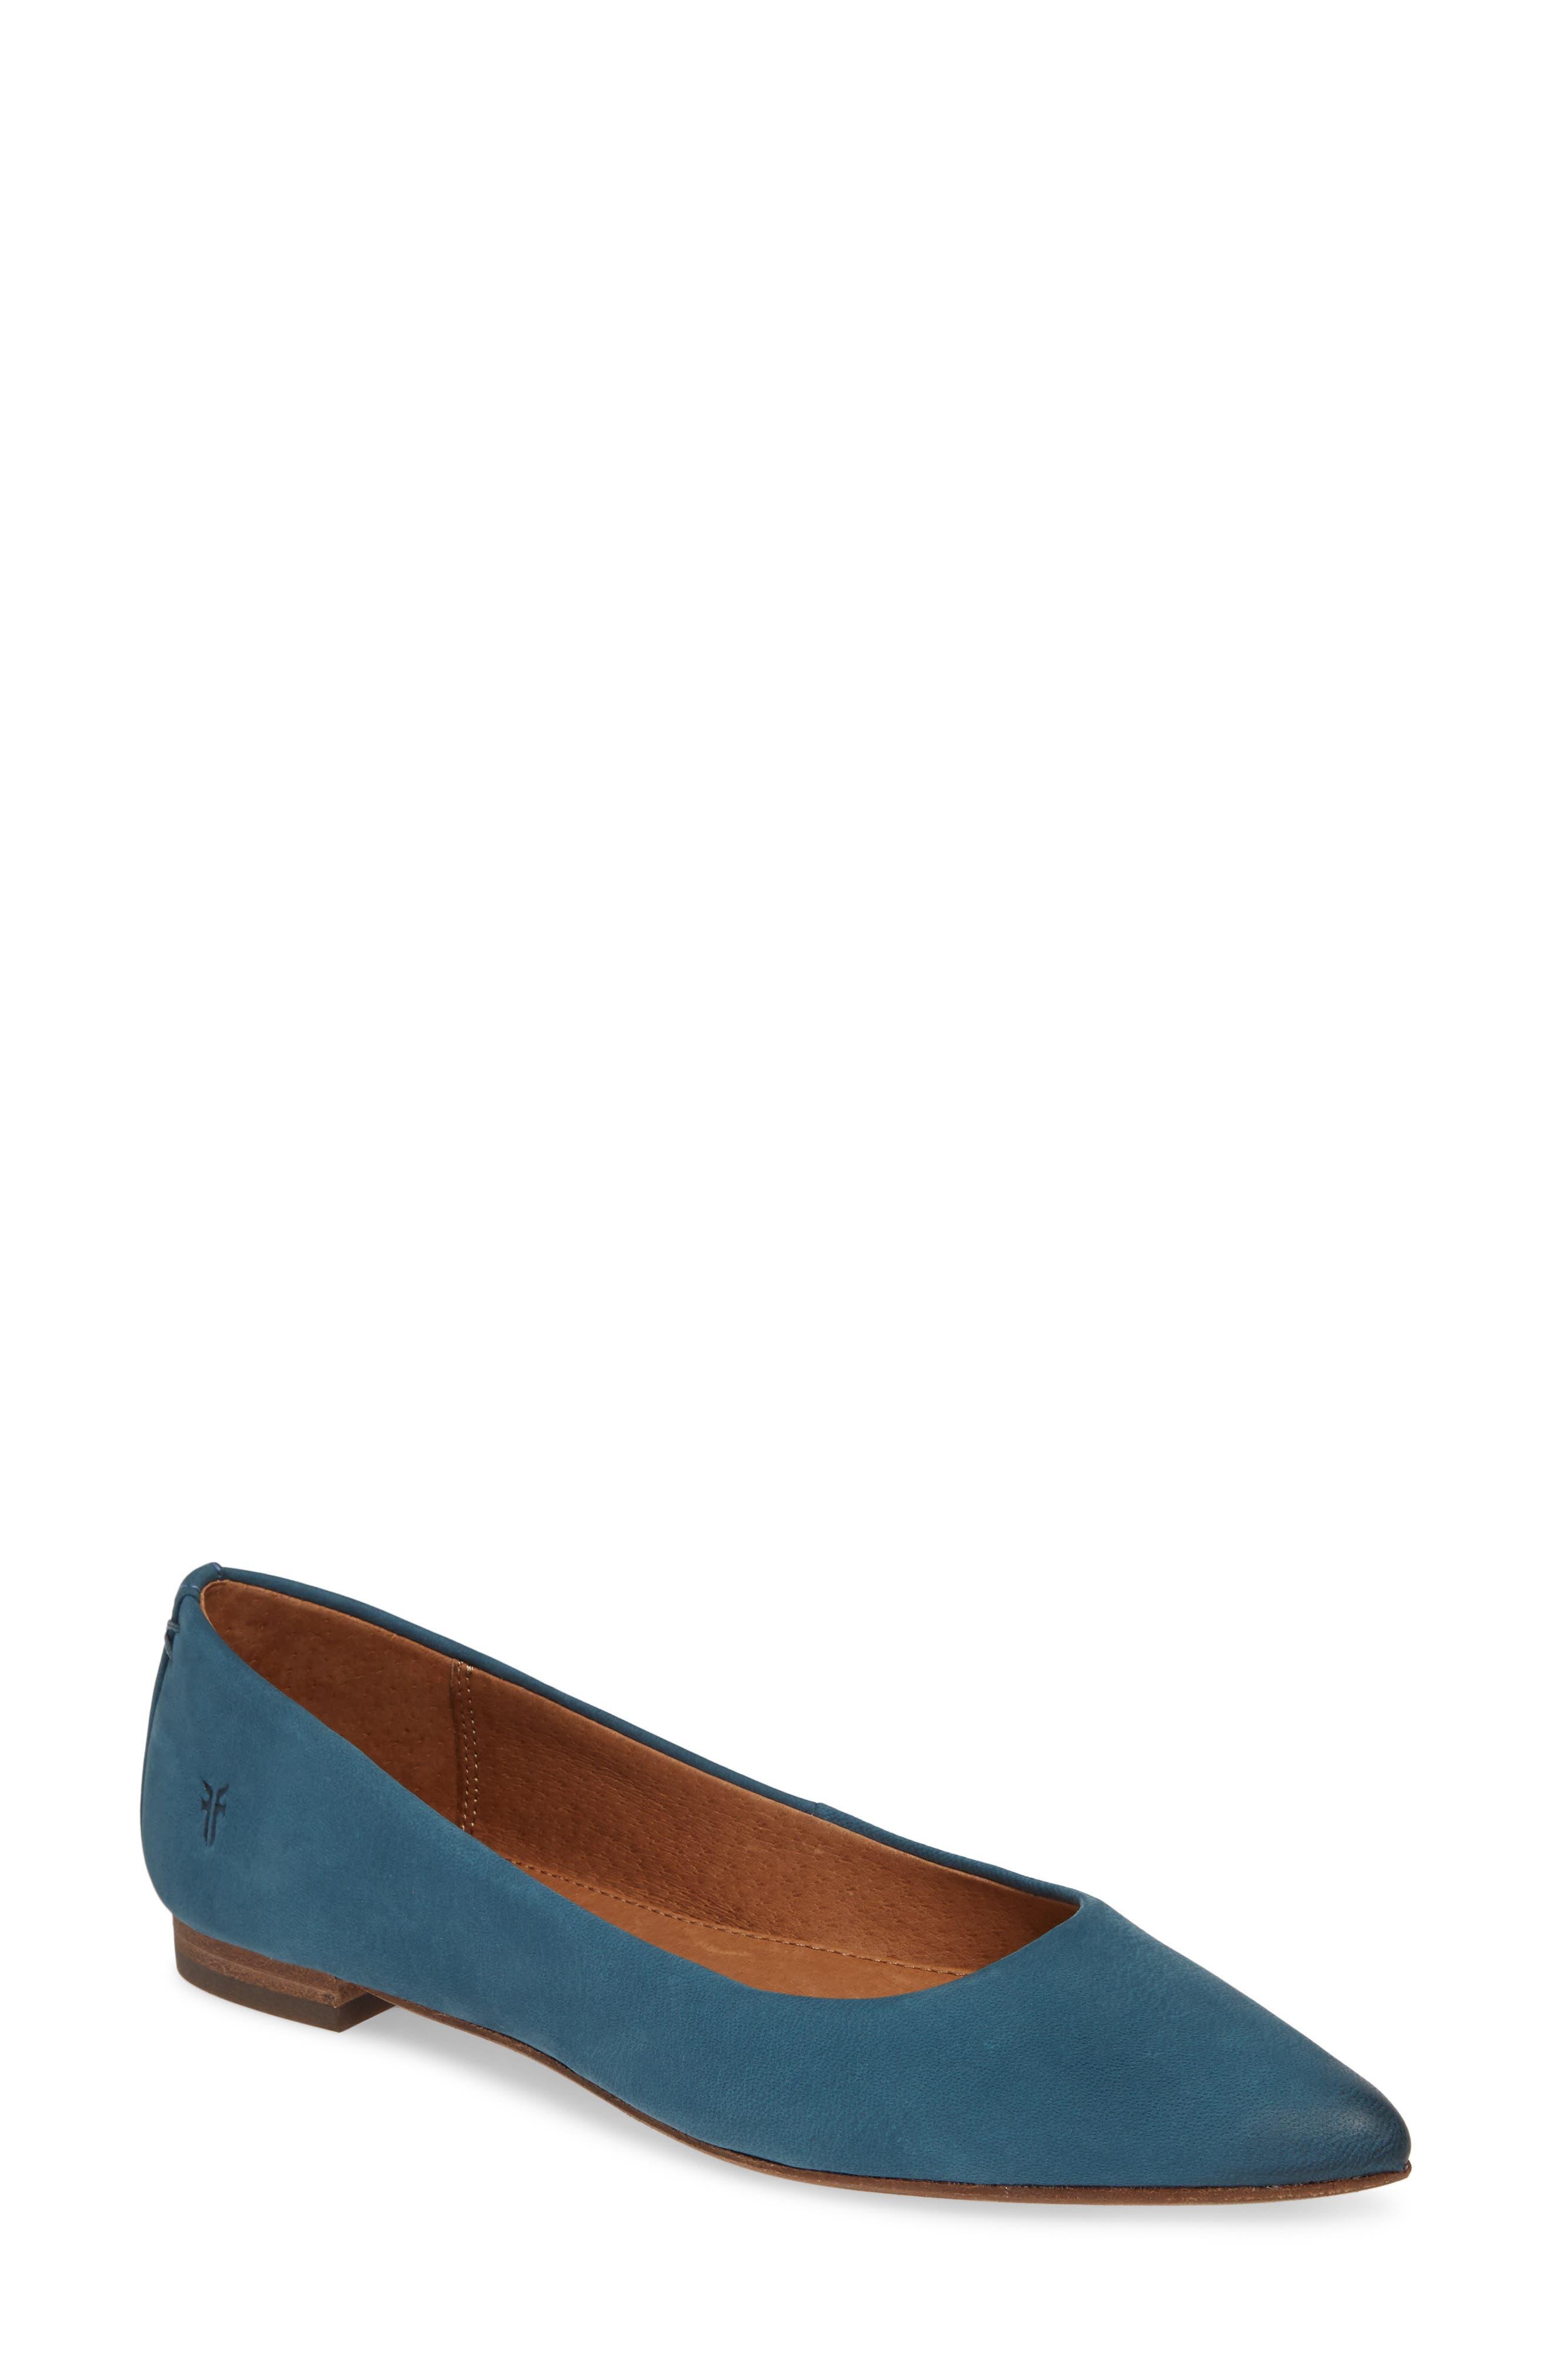 Frye Sienna Pointy Toe Ballet Flat, Blue/green